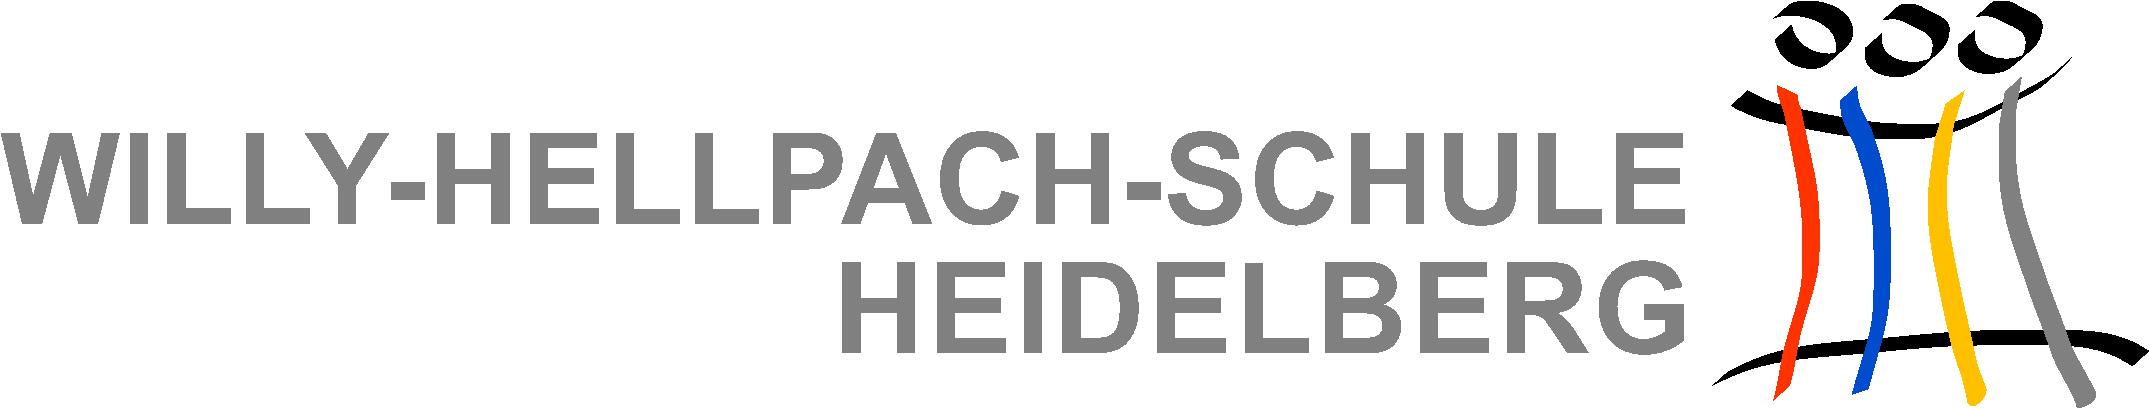 Willy-Hellpach-Schule Heidelberg